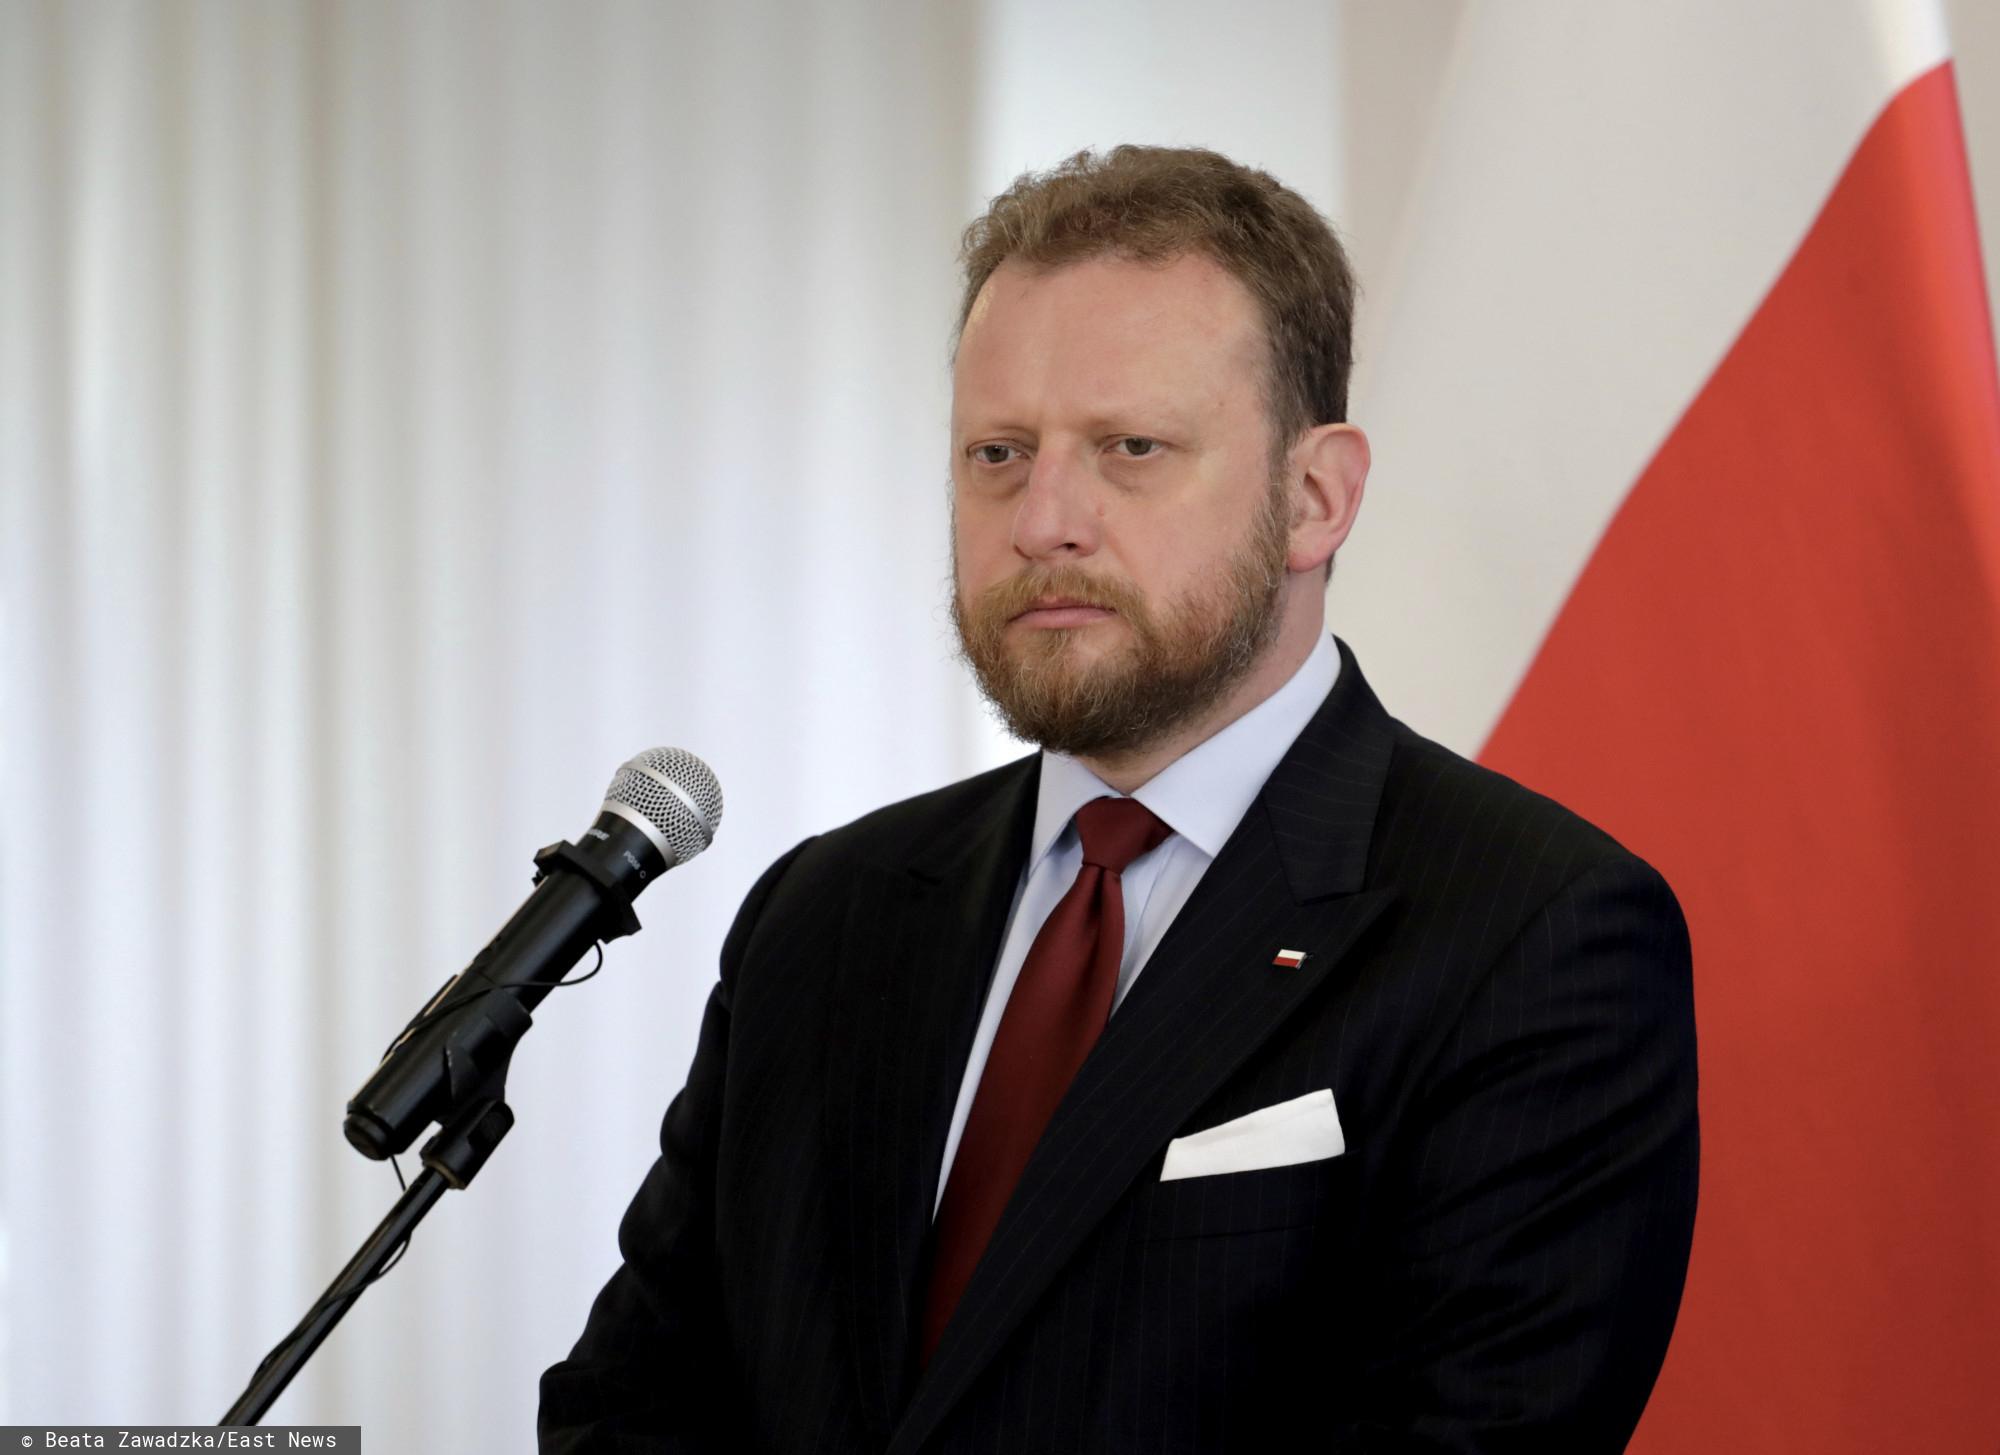 Łukasz Szumowski zdradził, co czeka Polaków jesienią. Nie ma dobrych wiadomości